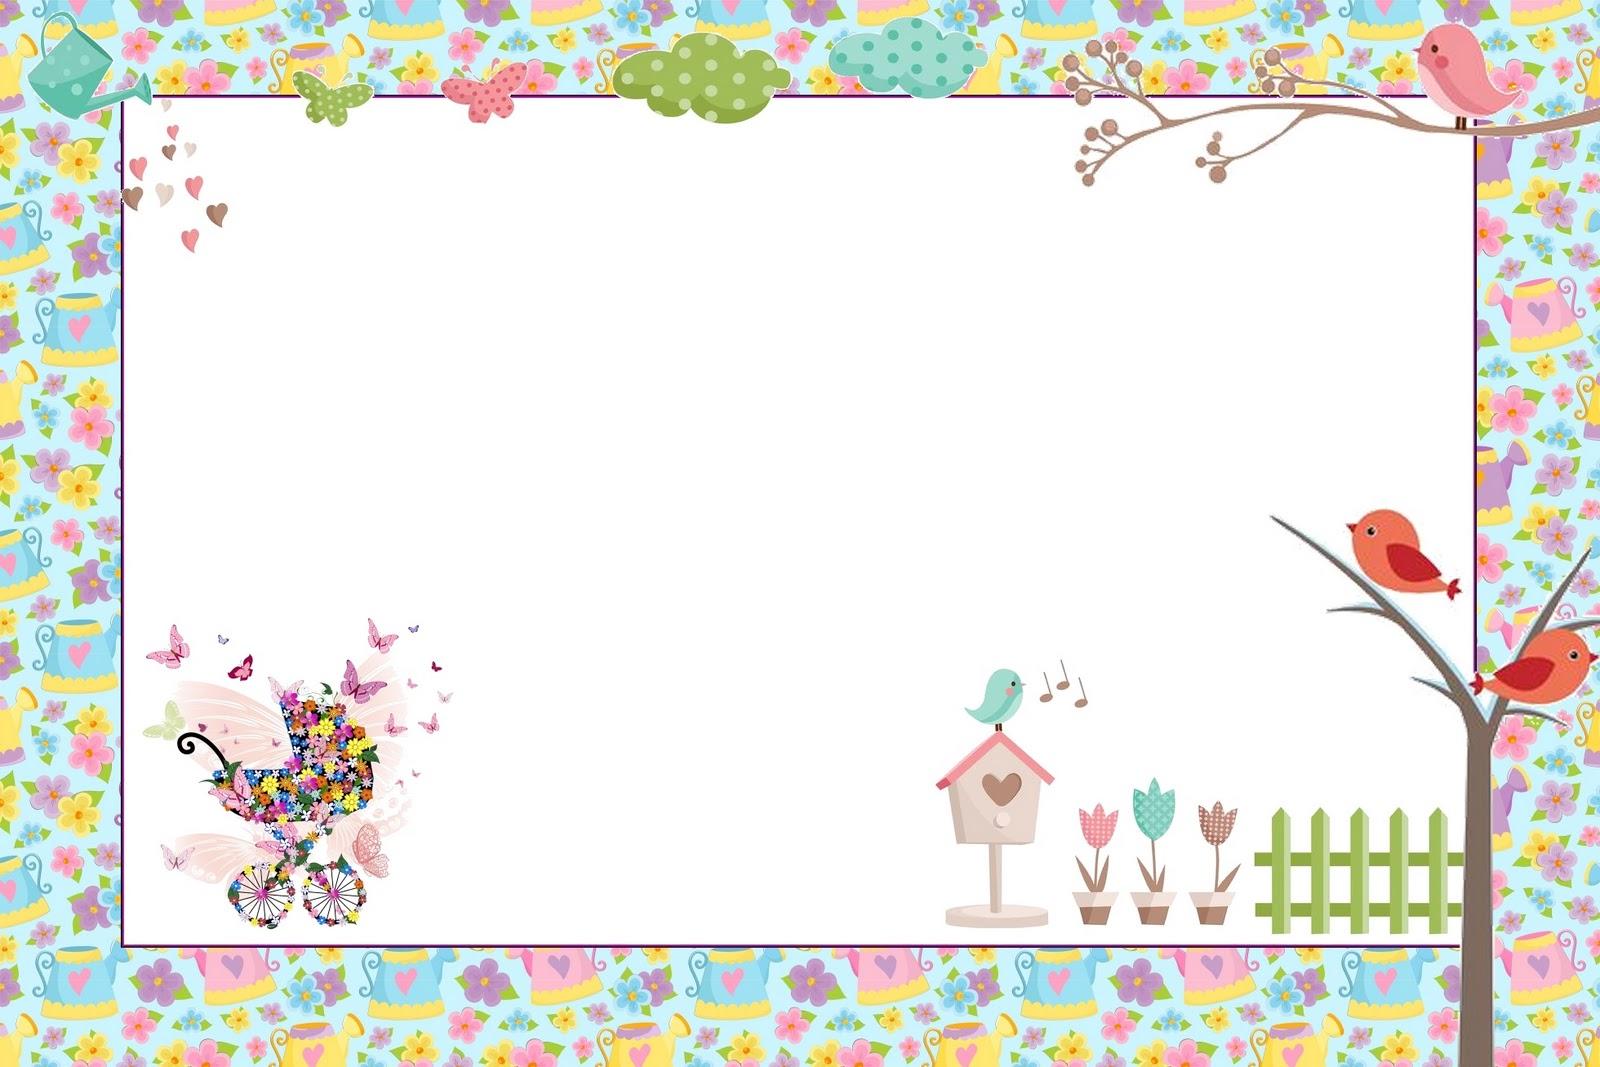 moldura para fotos tema jardim encantado : moldura para fotos tema jardim encantado:Jardim de Flores Rosa e Azul – Kit Completo com molduras para convites